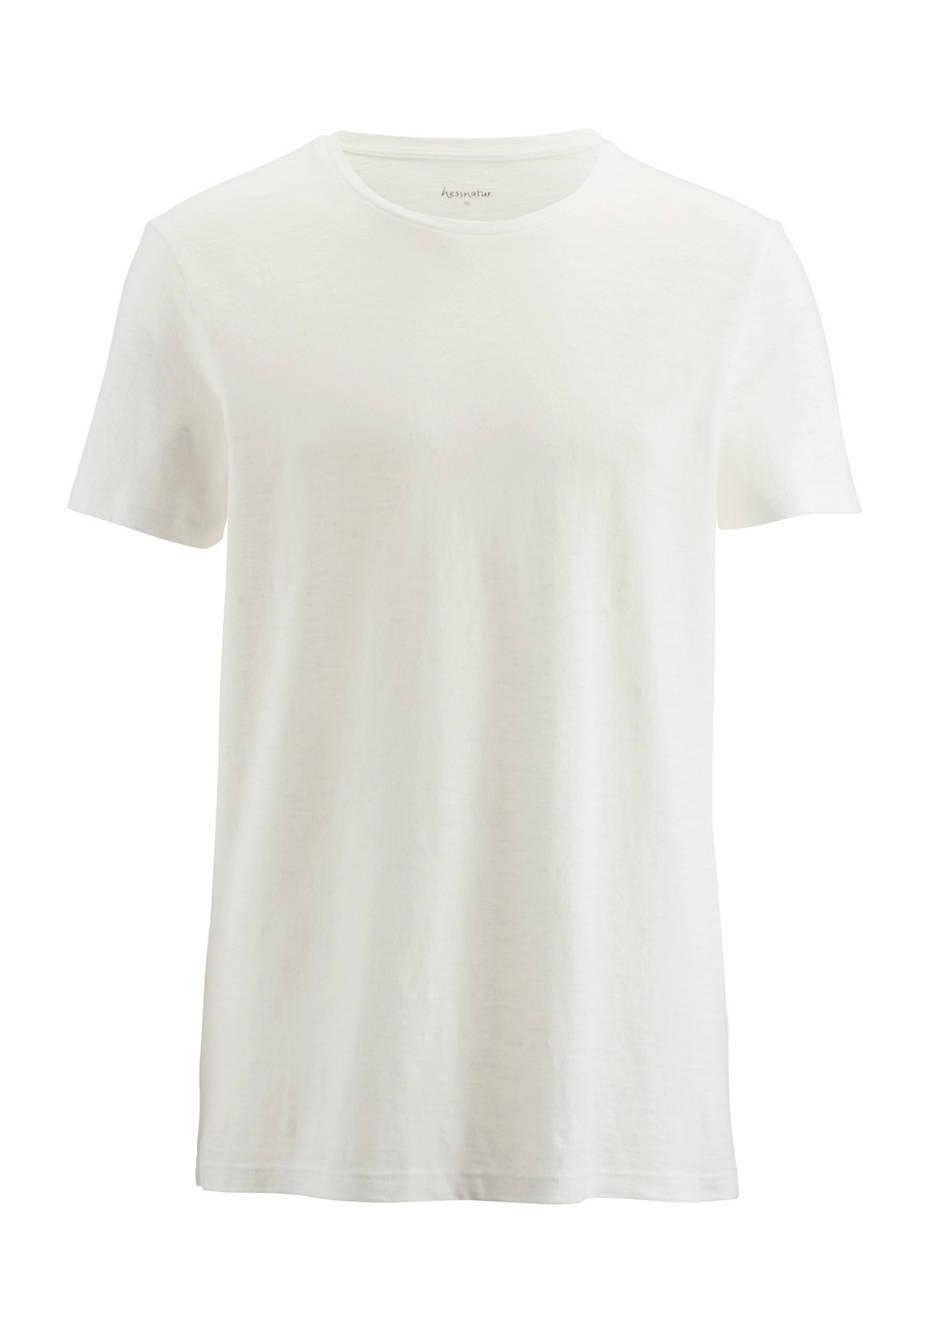 Herren Shirt aus Hanf mit Bio-Baumwolle